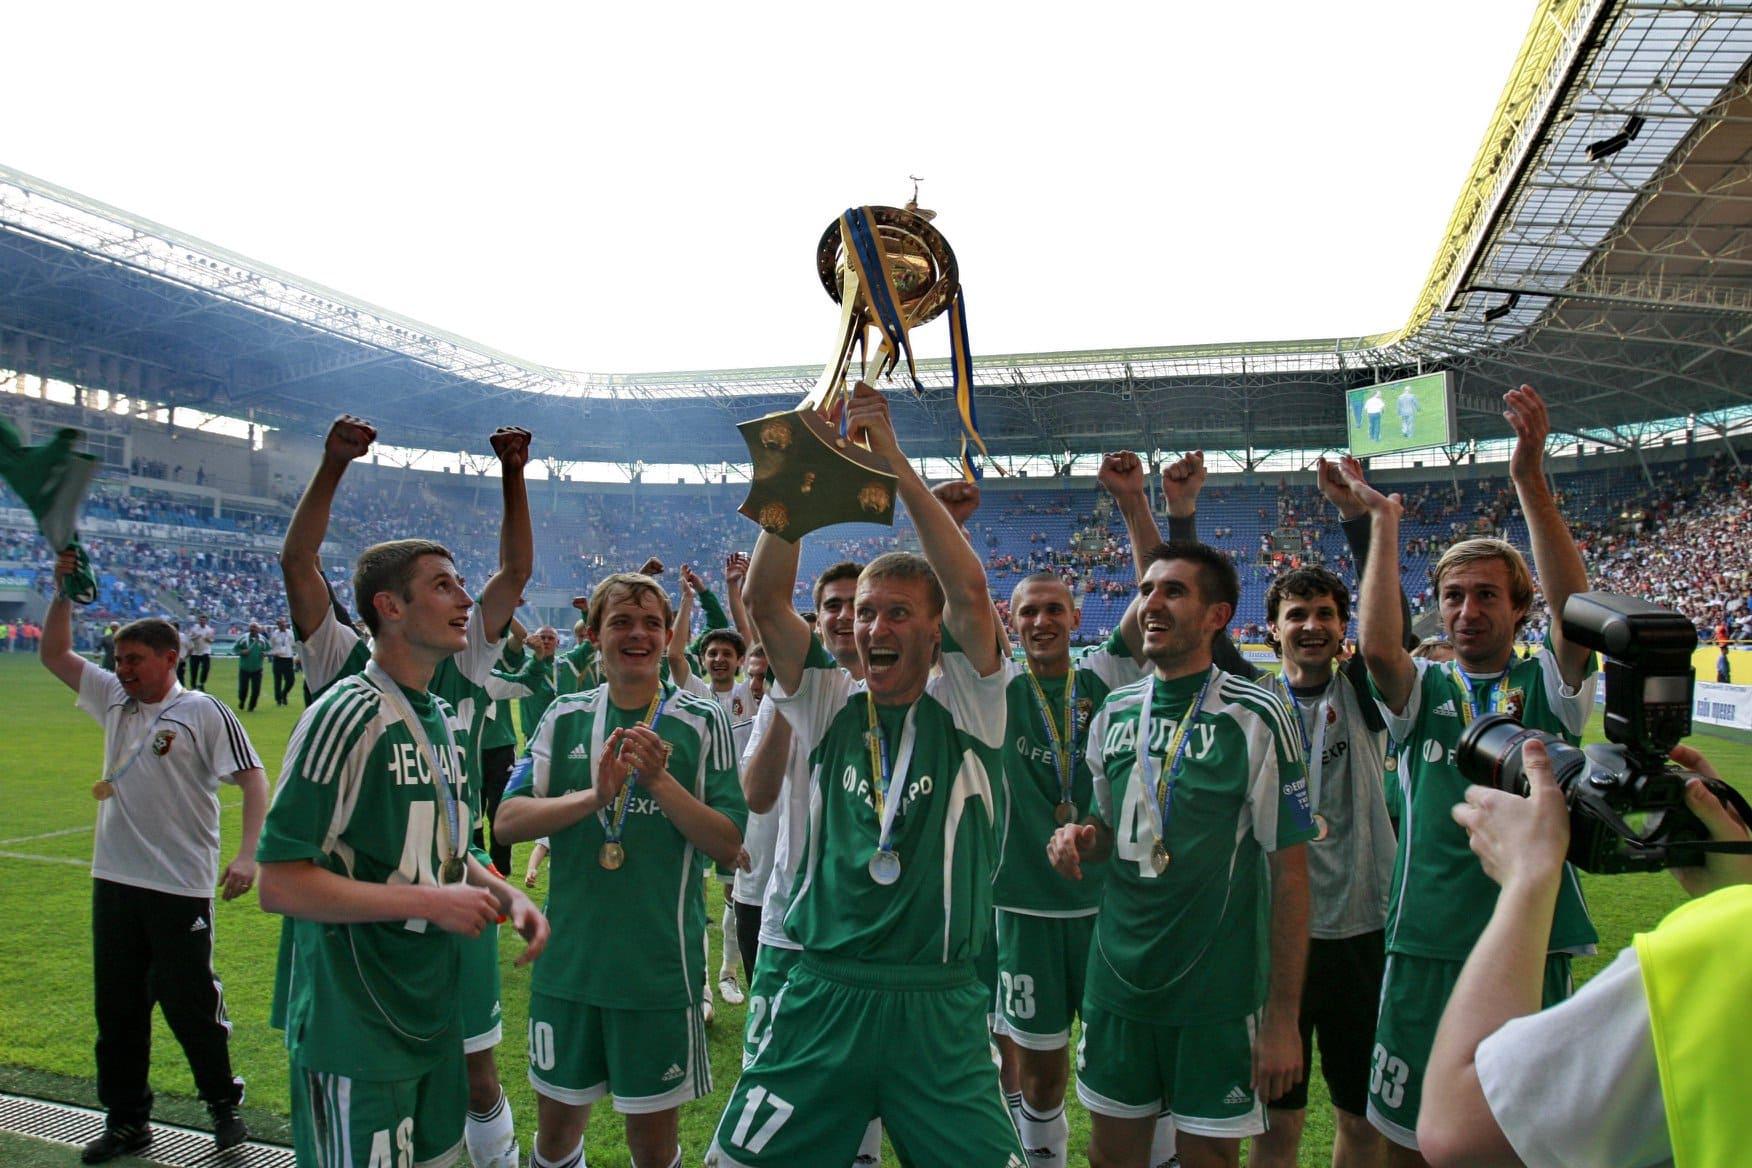 Кубок Украины по футболу: уникальный сезон, оригинальный рекорд и масса ярких моментов